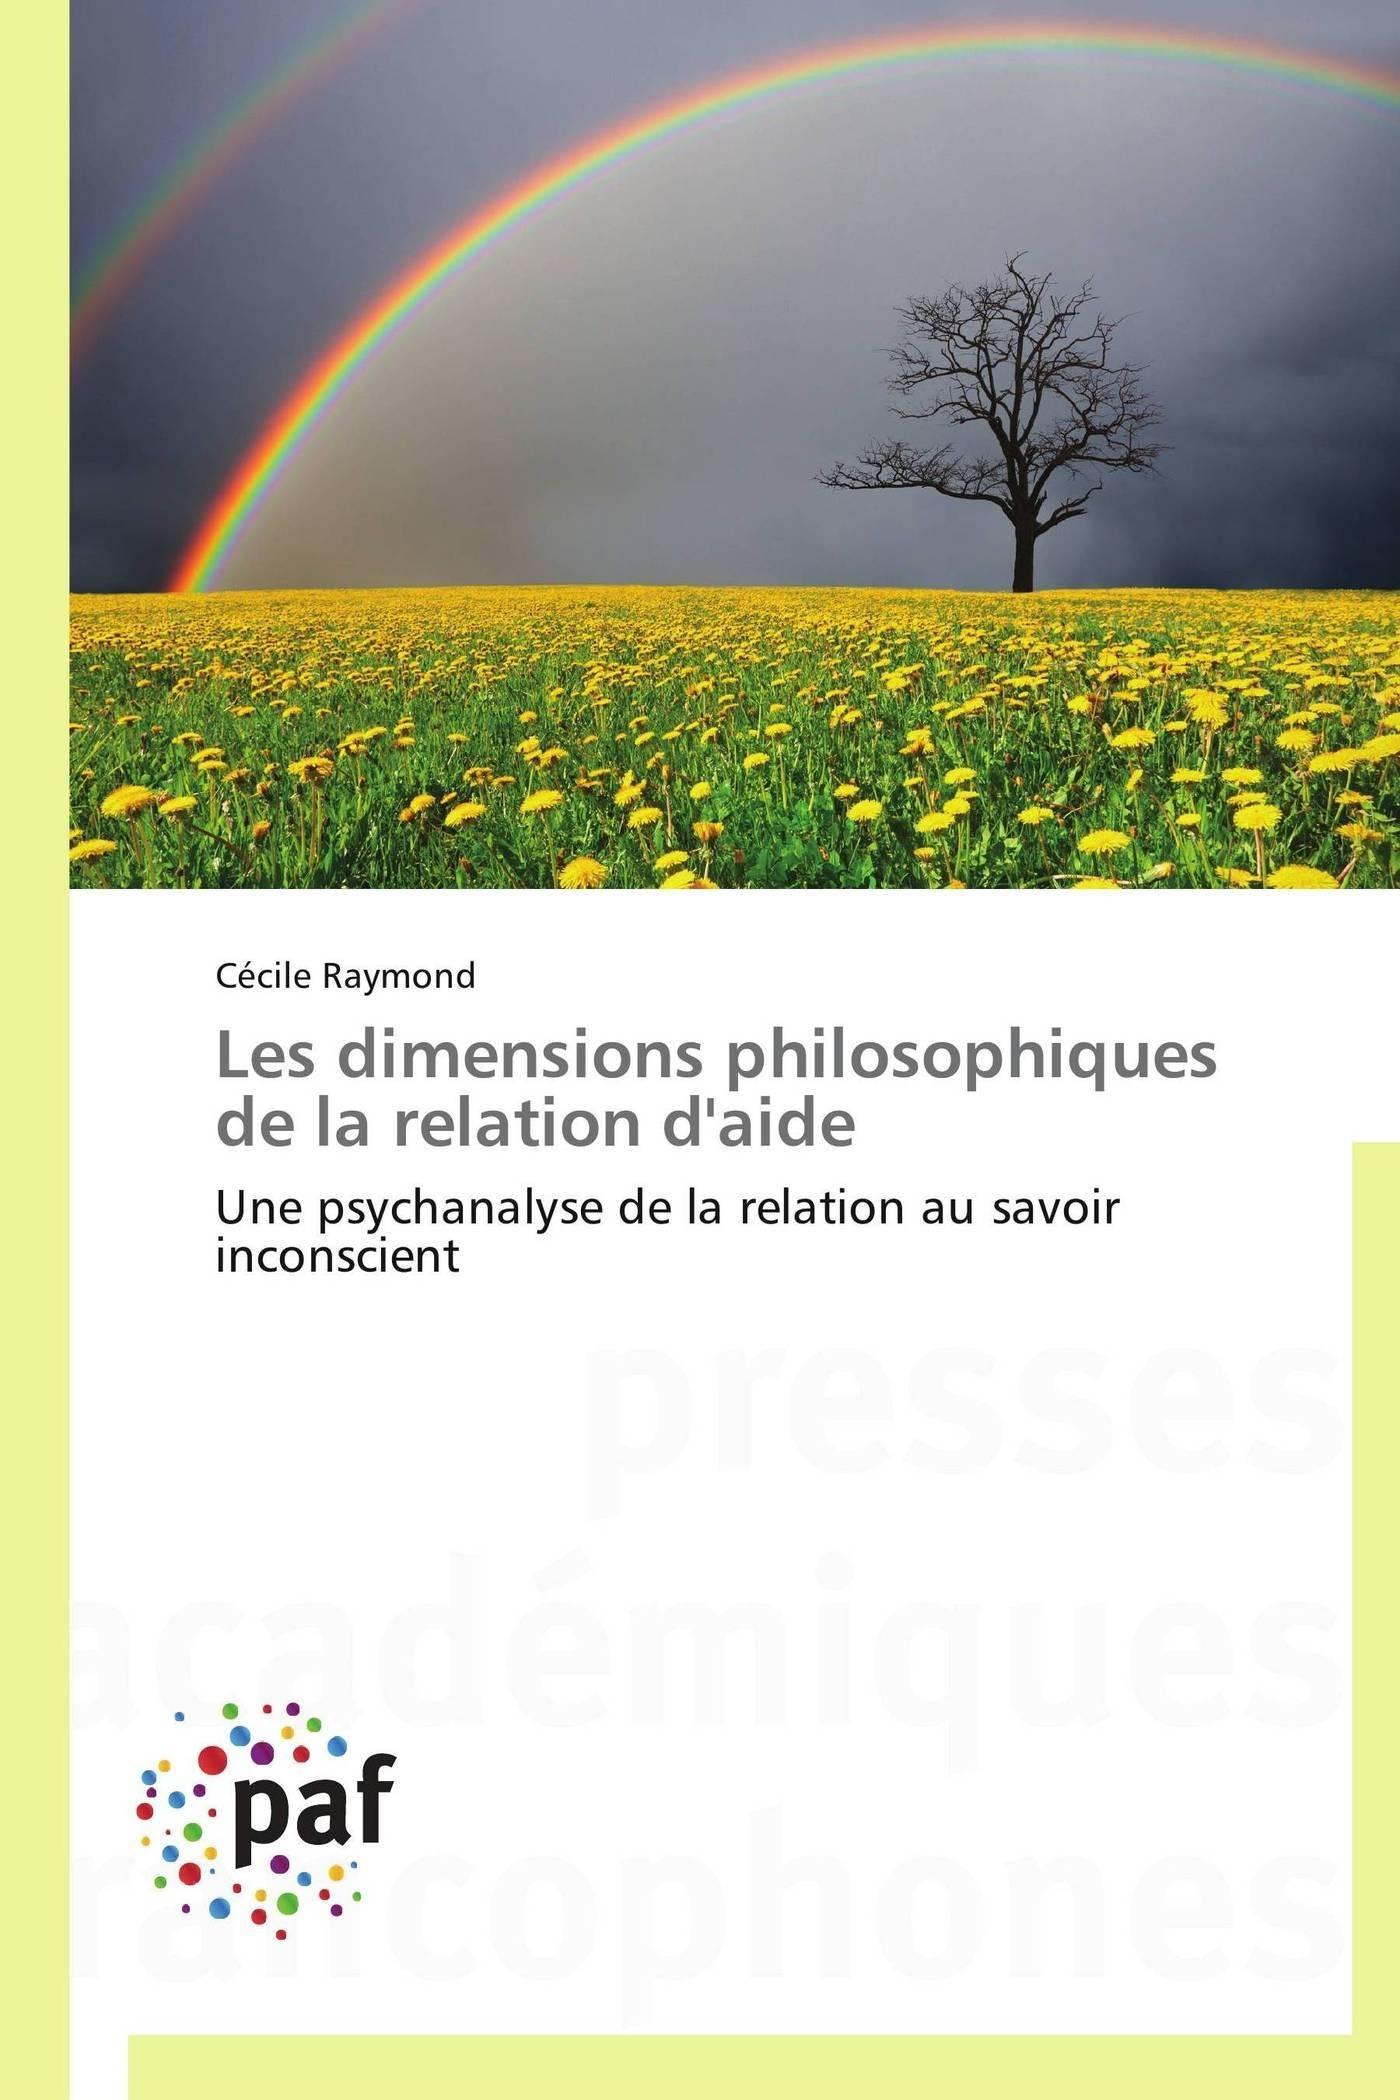 LES DIMENSIONS PHILOSOPHIQUES DE LA RELATION D'AIDE